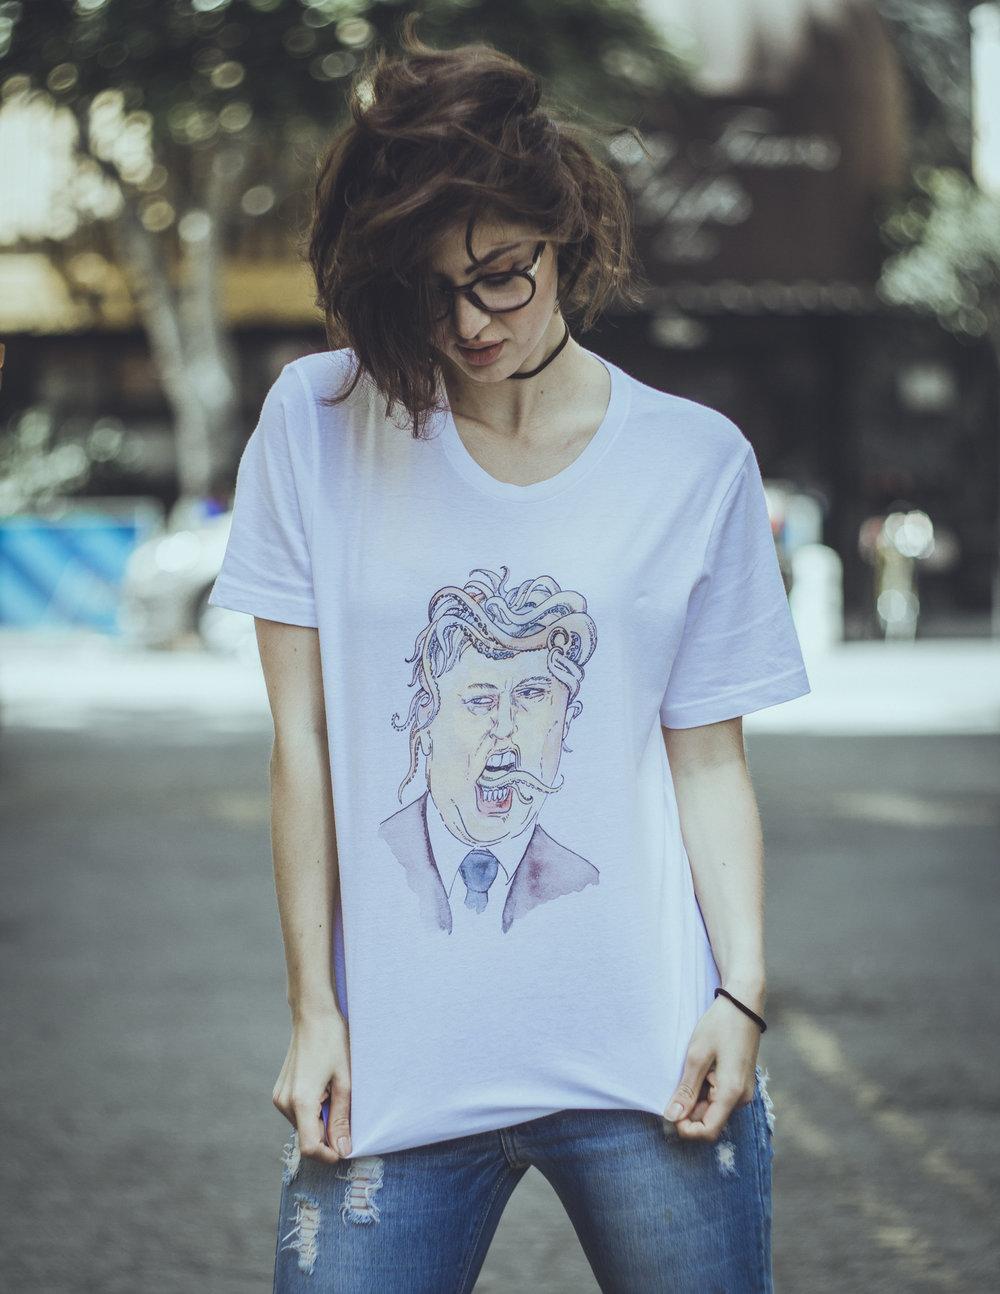 trumptopustshirt